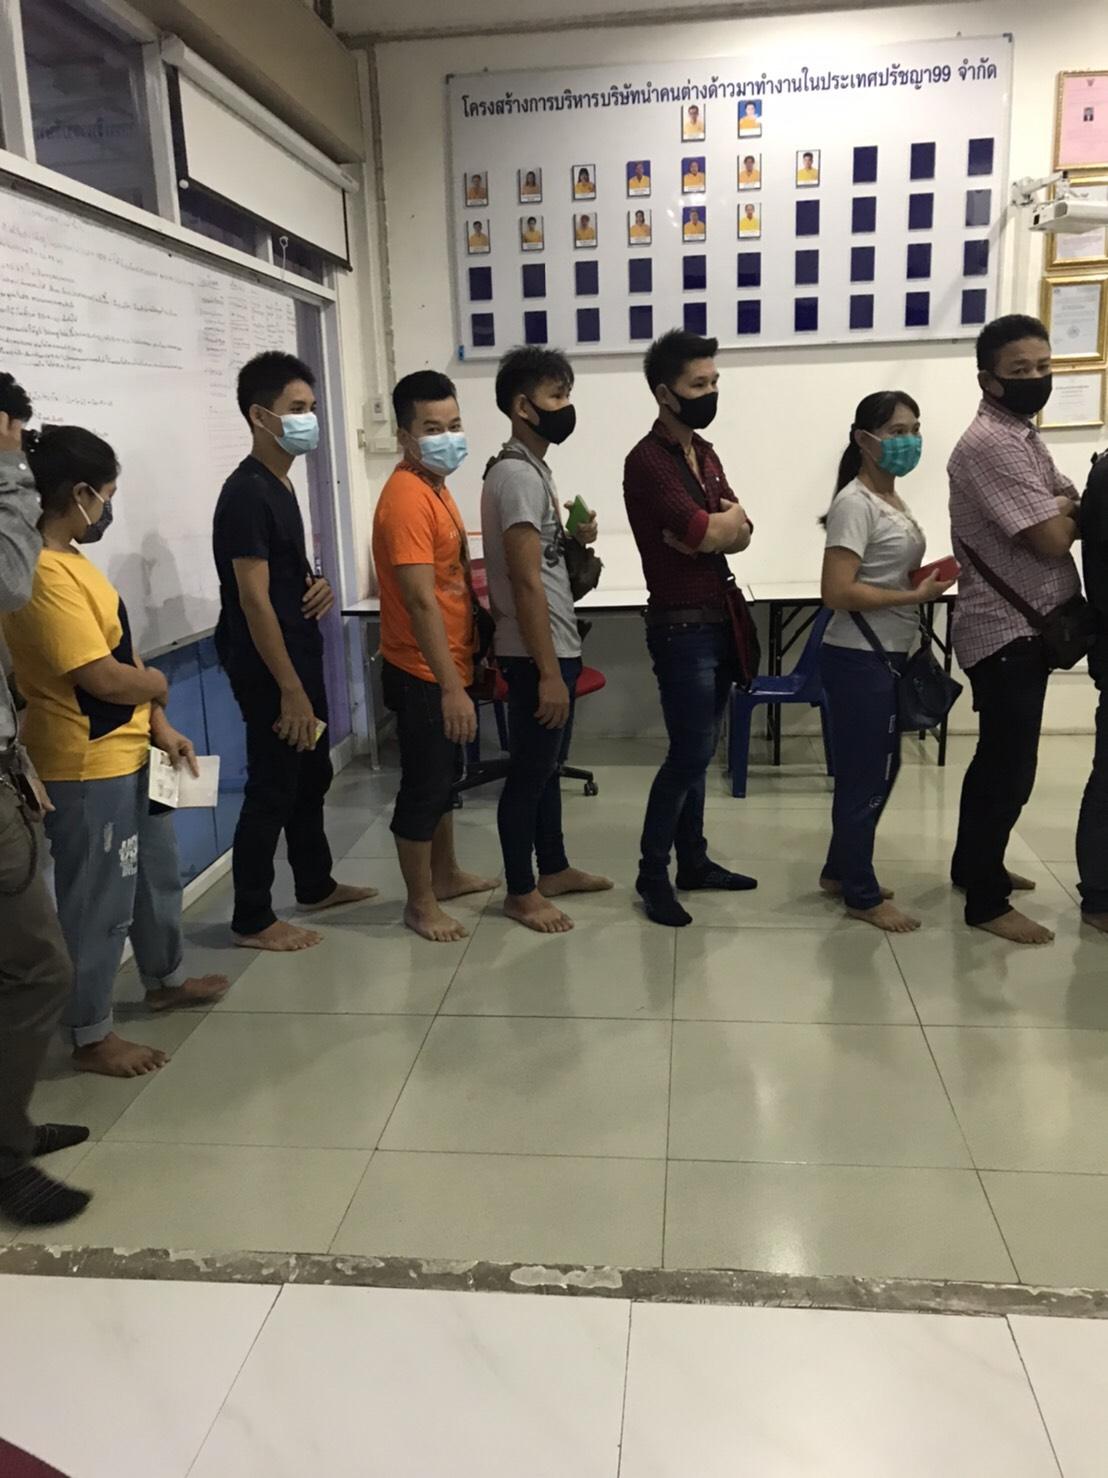 นที่ 13 สิงหาคม 2563 ทีมงานปรัชญา99 พาแรงงานสัญชาติเมียนมาร์ ลาว กัมพูชา จำนวน 300 คน เข้ารับการปรับปรุงรายการทะเบียนประวัติ และถ่ายบัตรชมพู